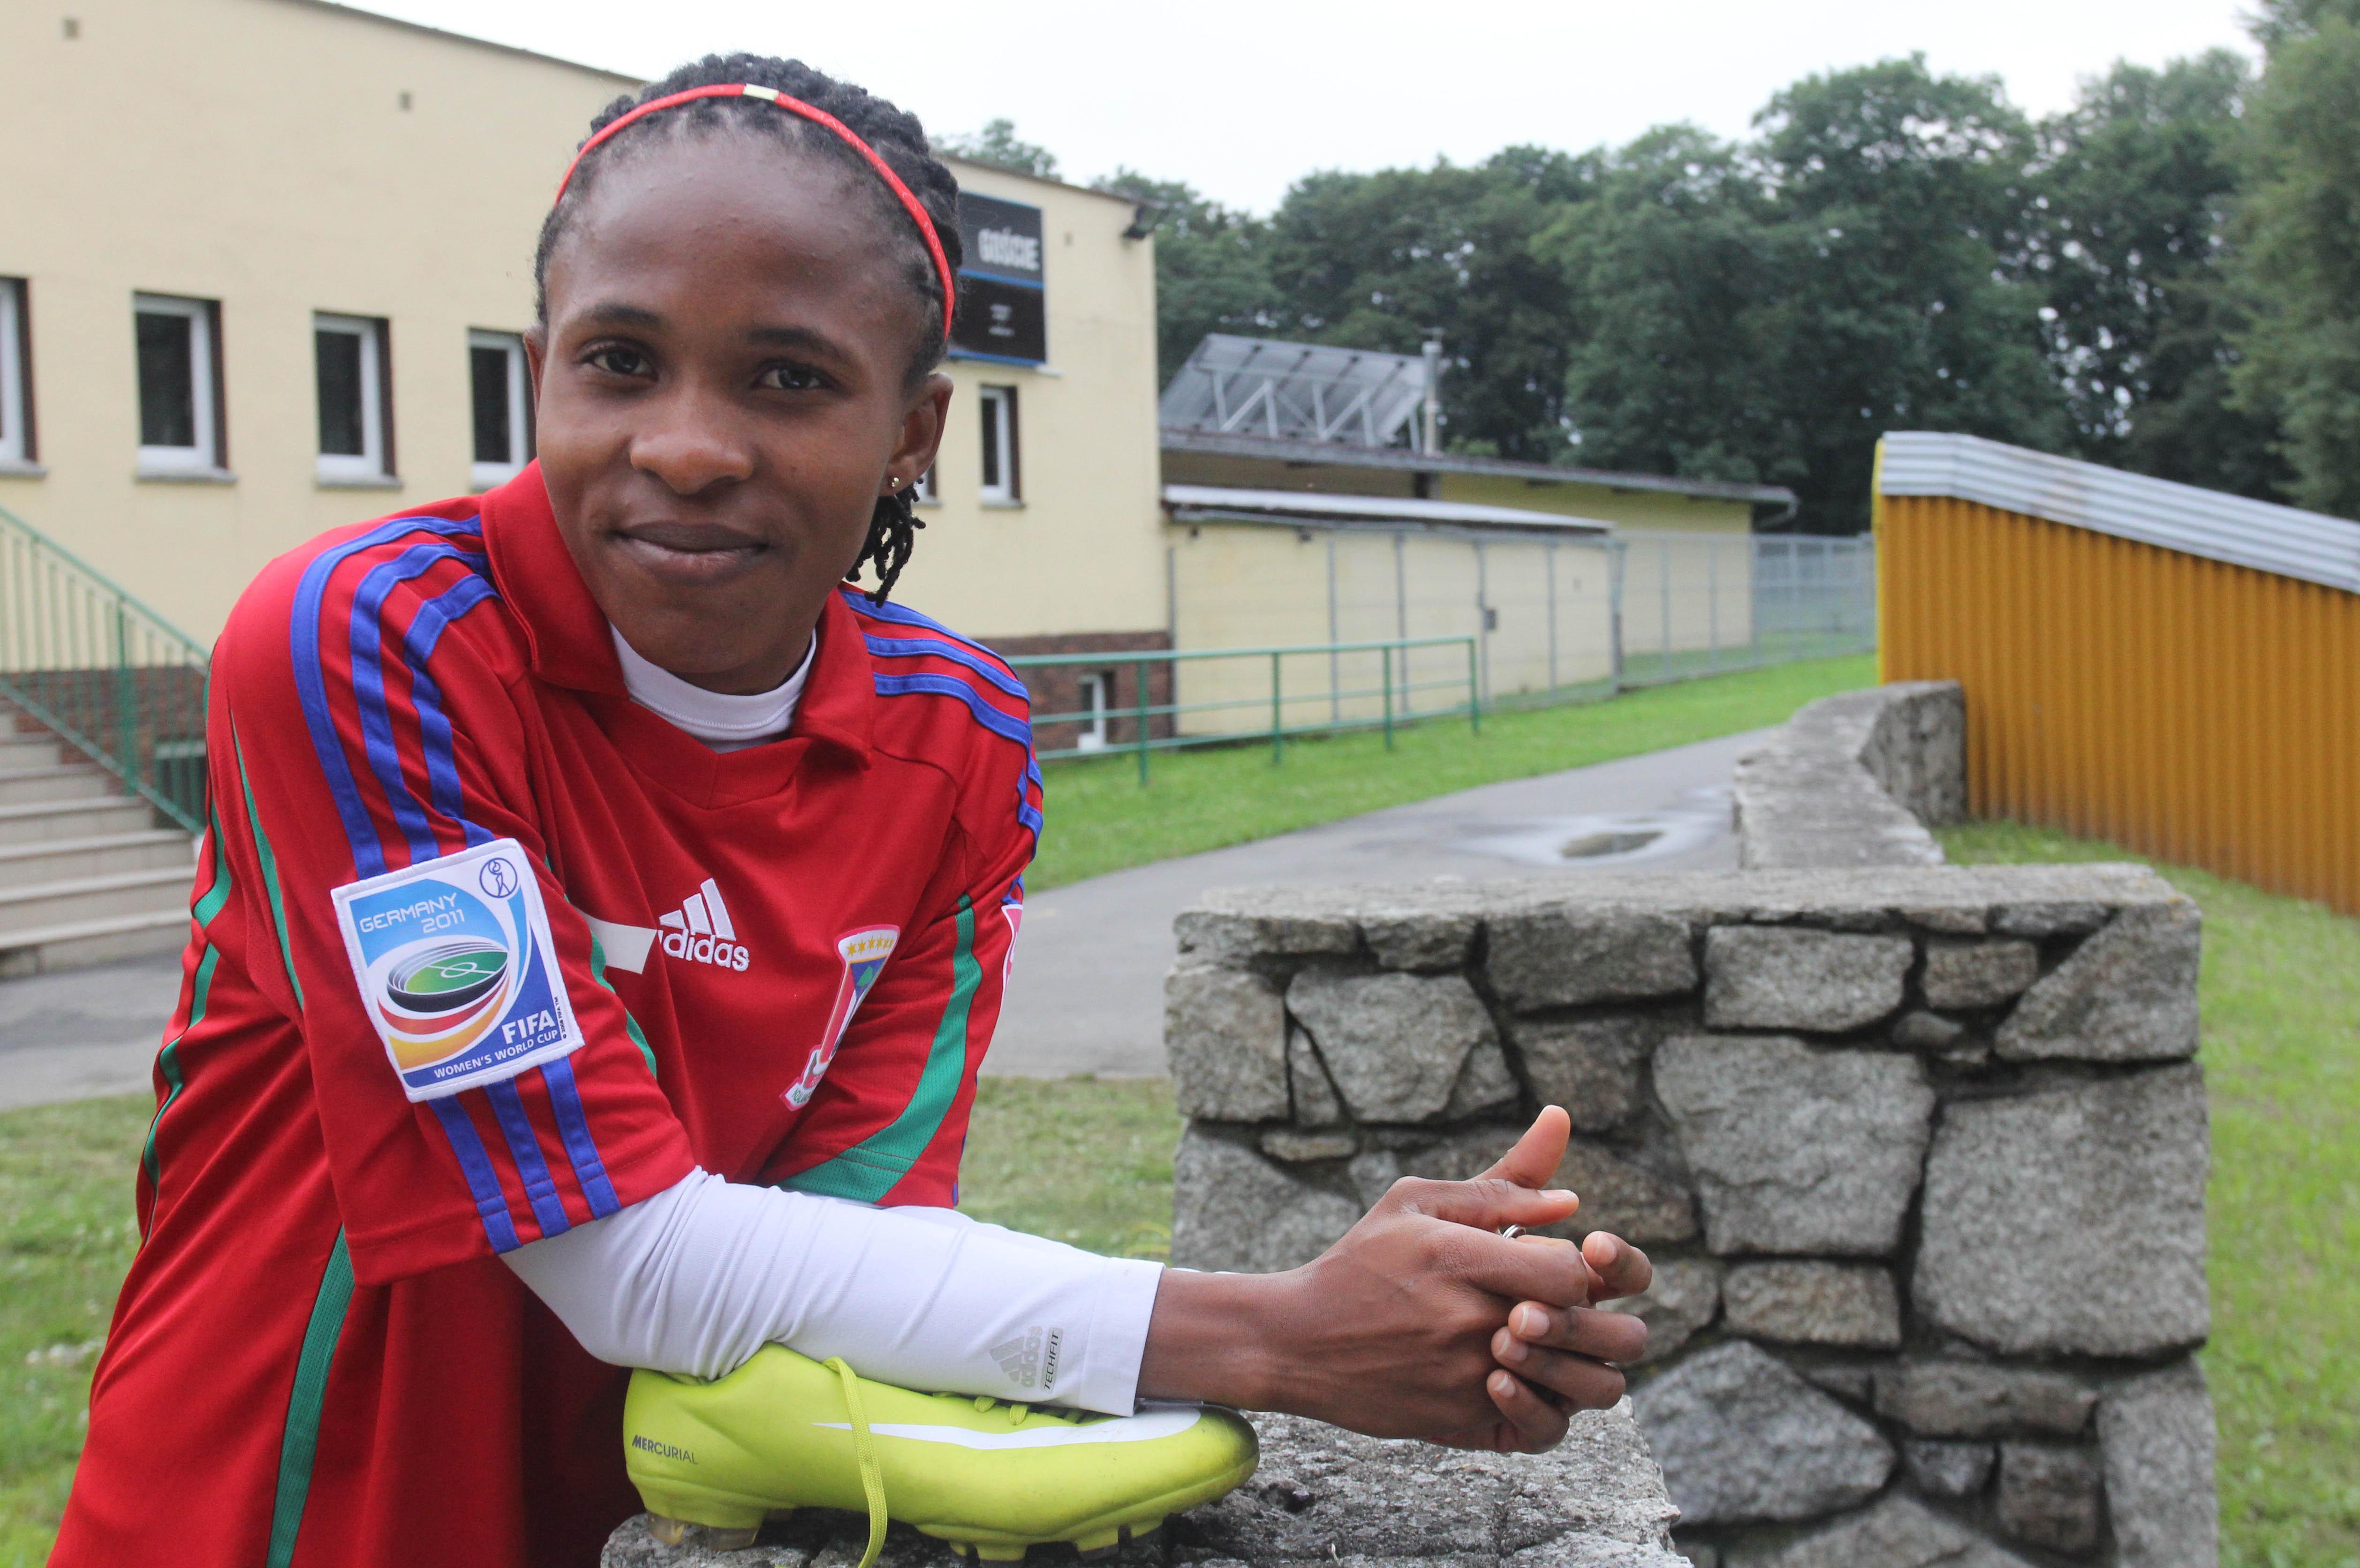 Chinasa Okoro Gloria ma na swoim koncie sporo sukcesów. Fot. Michał Chwieduk/Edytor.net